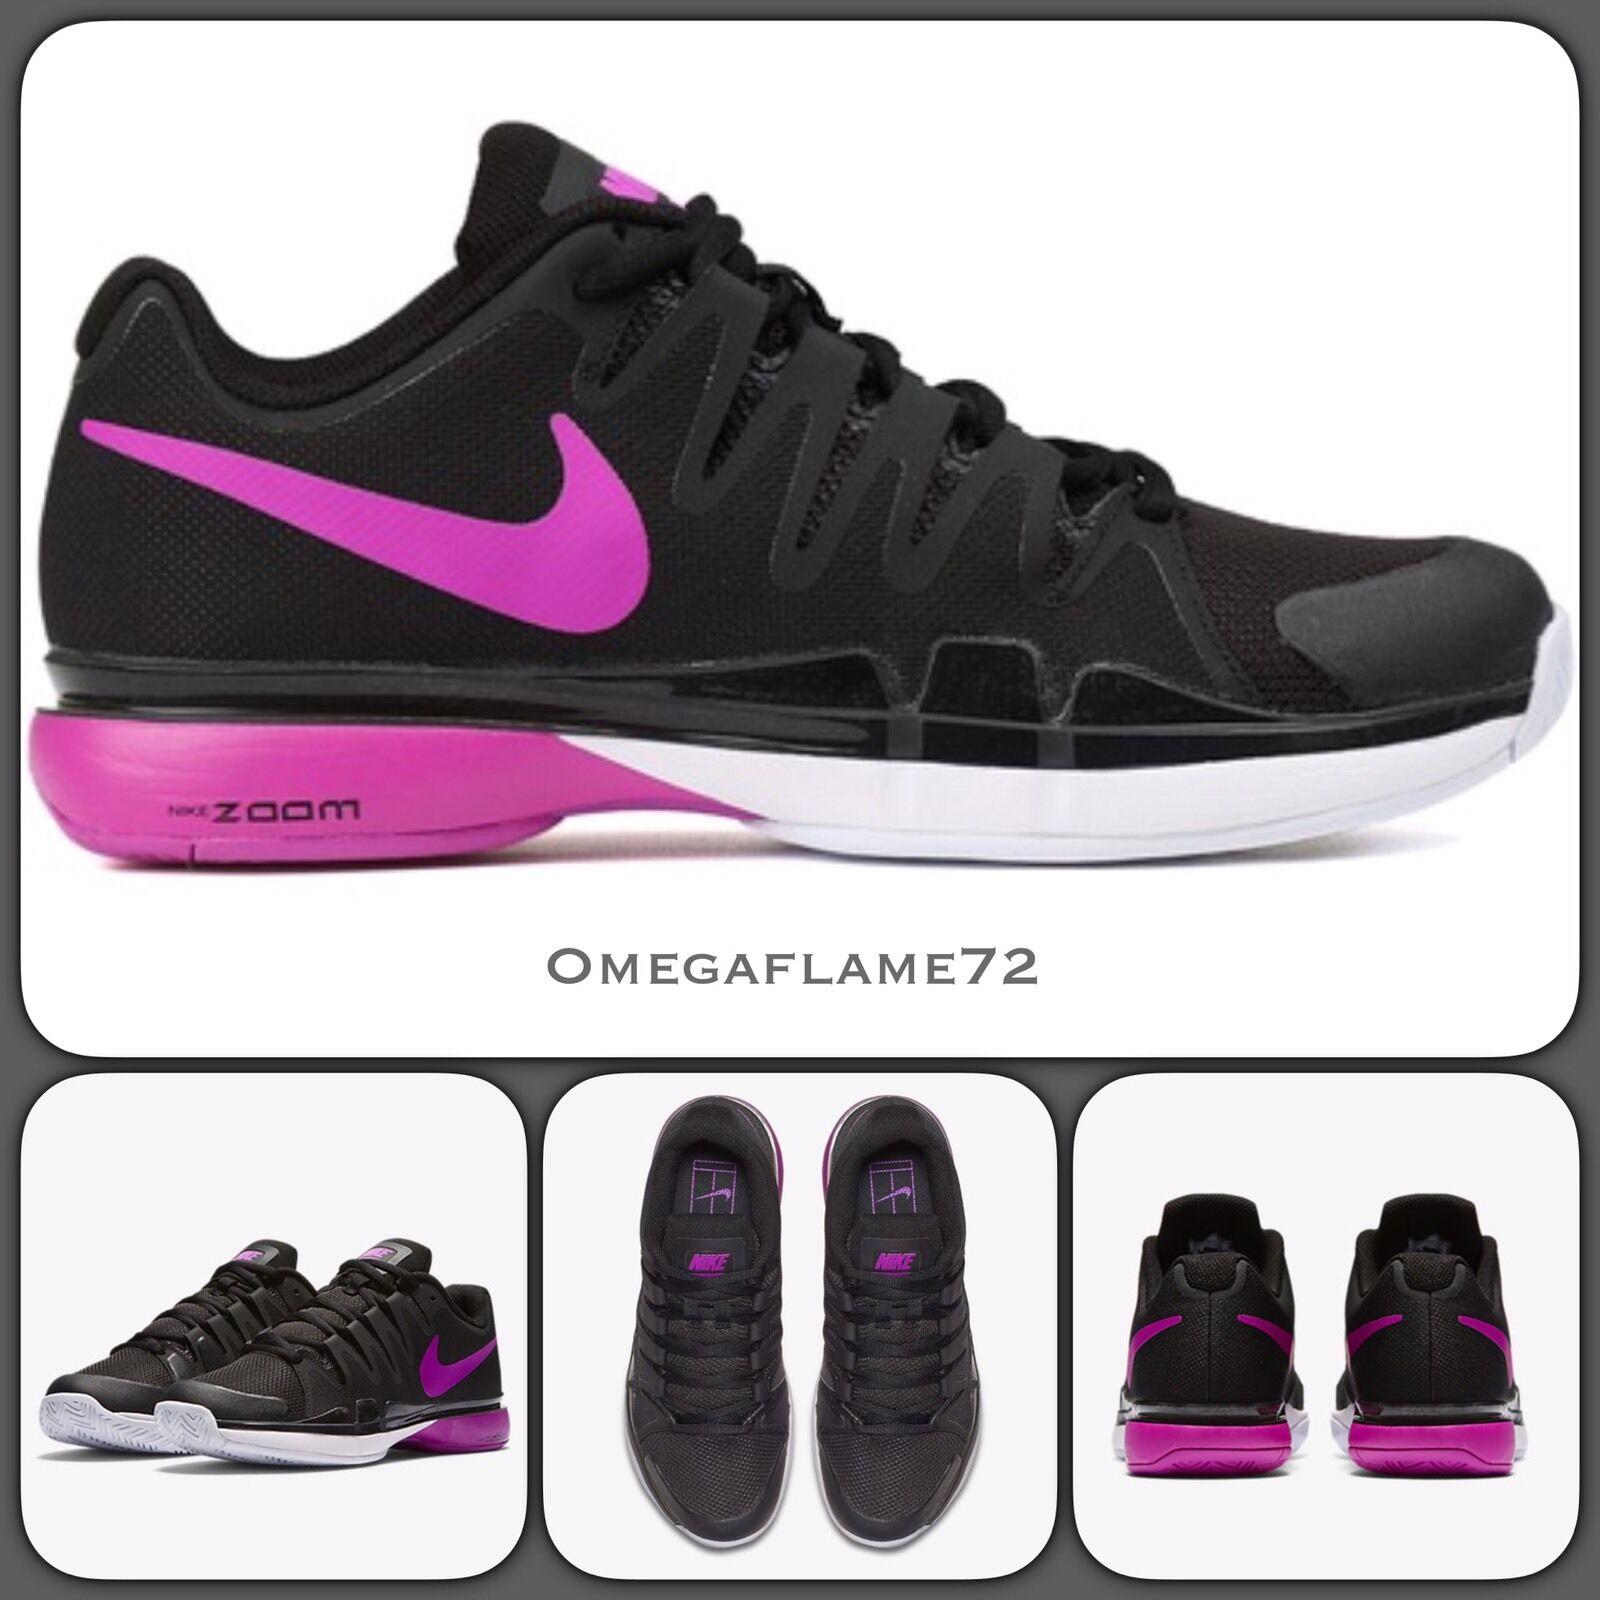 Nike Zoom Vapor 9.5 Tour QS 631475-002 USA 10 Federer Tennis Shoe